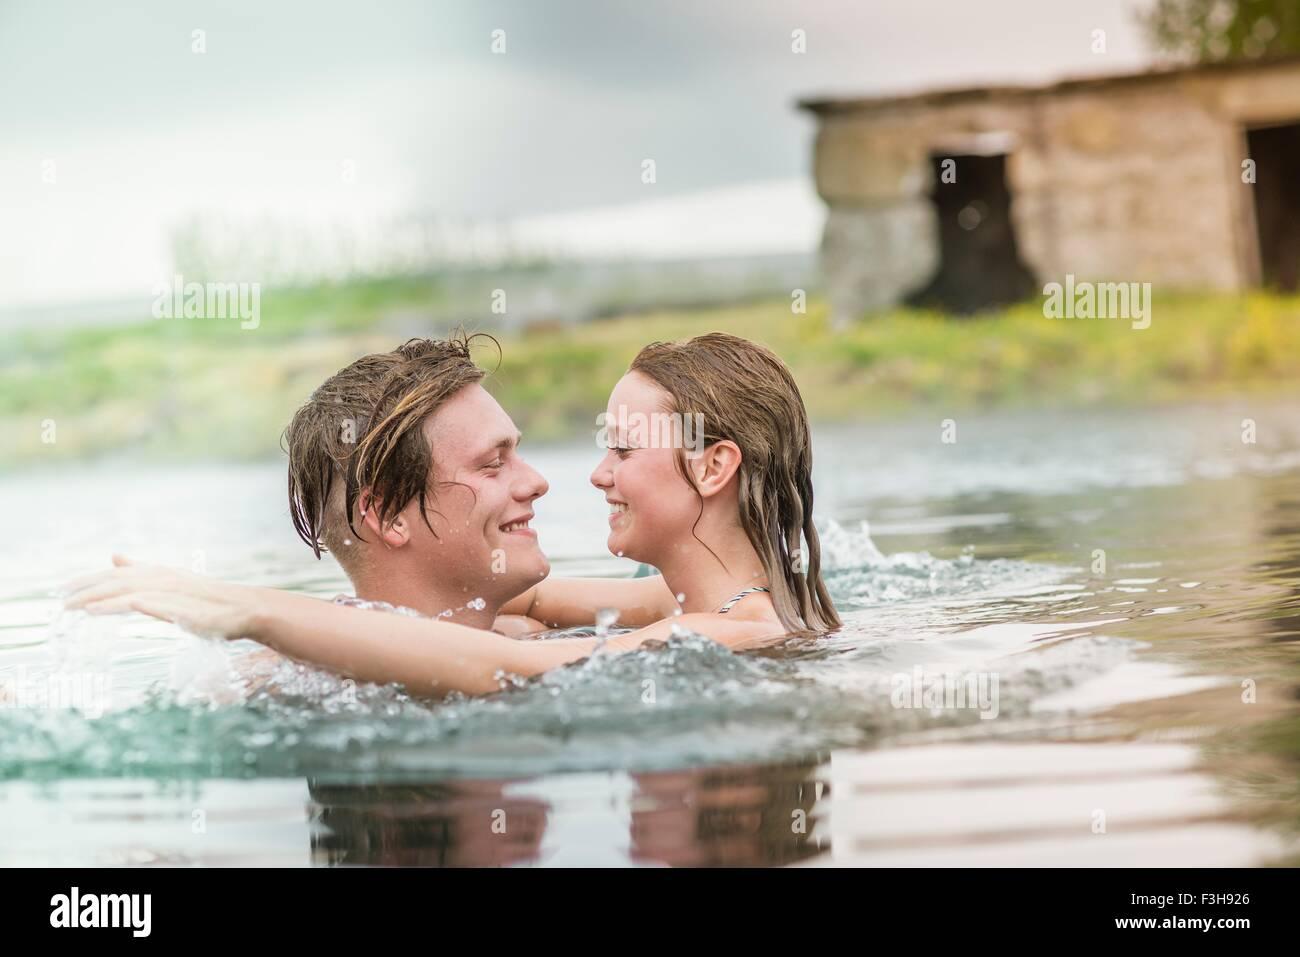 Romantische junges Paar planschen im Secret Lagoon Thermalquelle (Gamla Laugin), Fludir, Island Stockbild